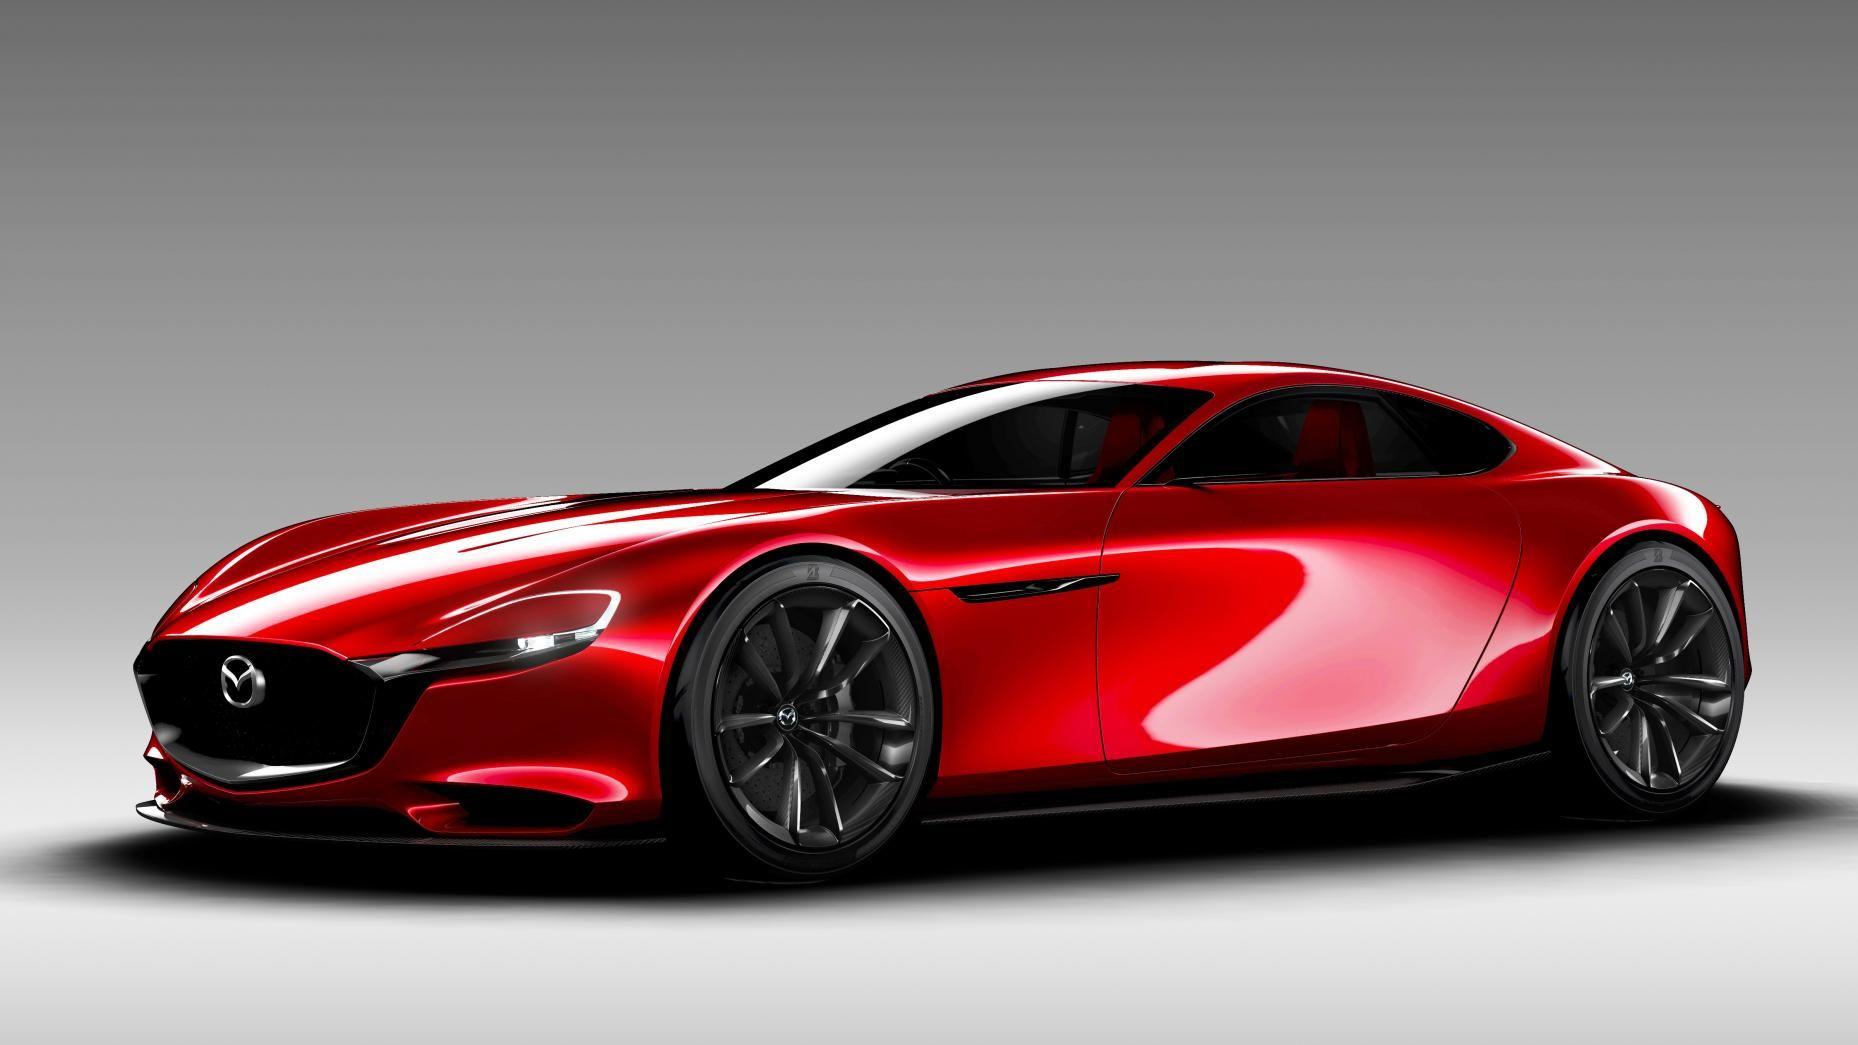 Mazda RX Vision concept Mazda cars, Mazda, Sports car